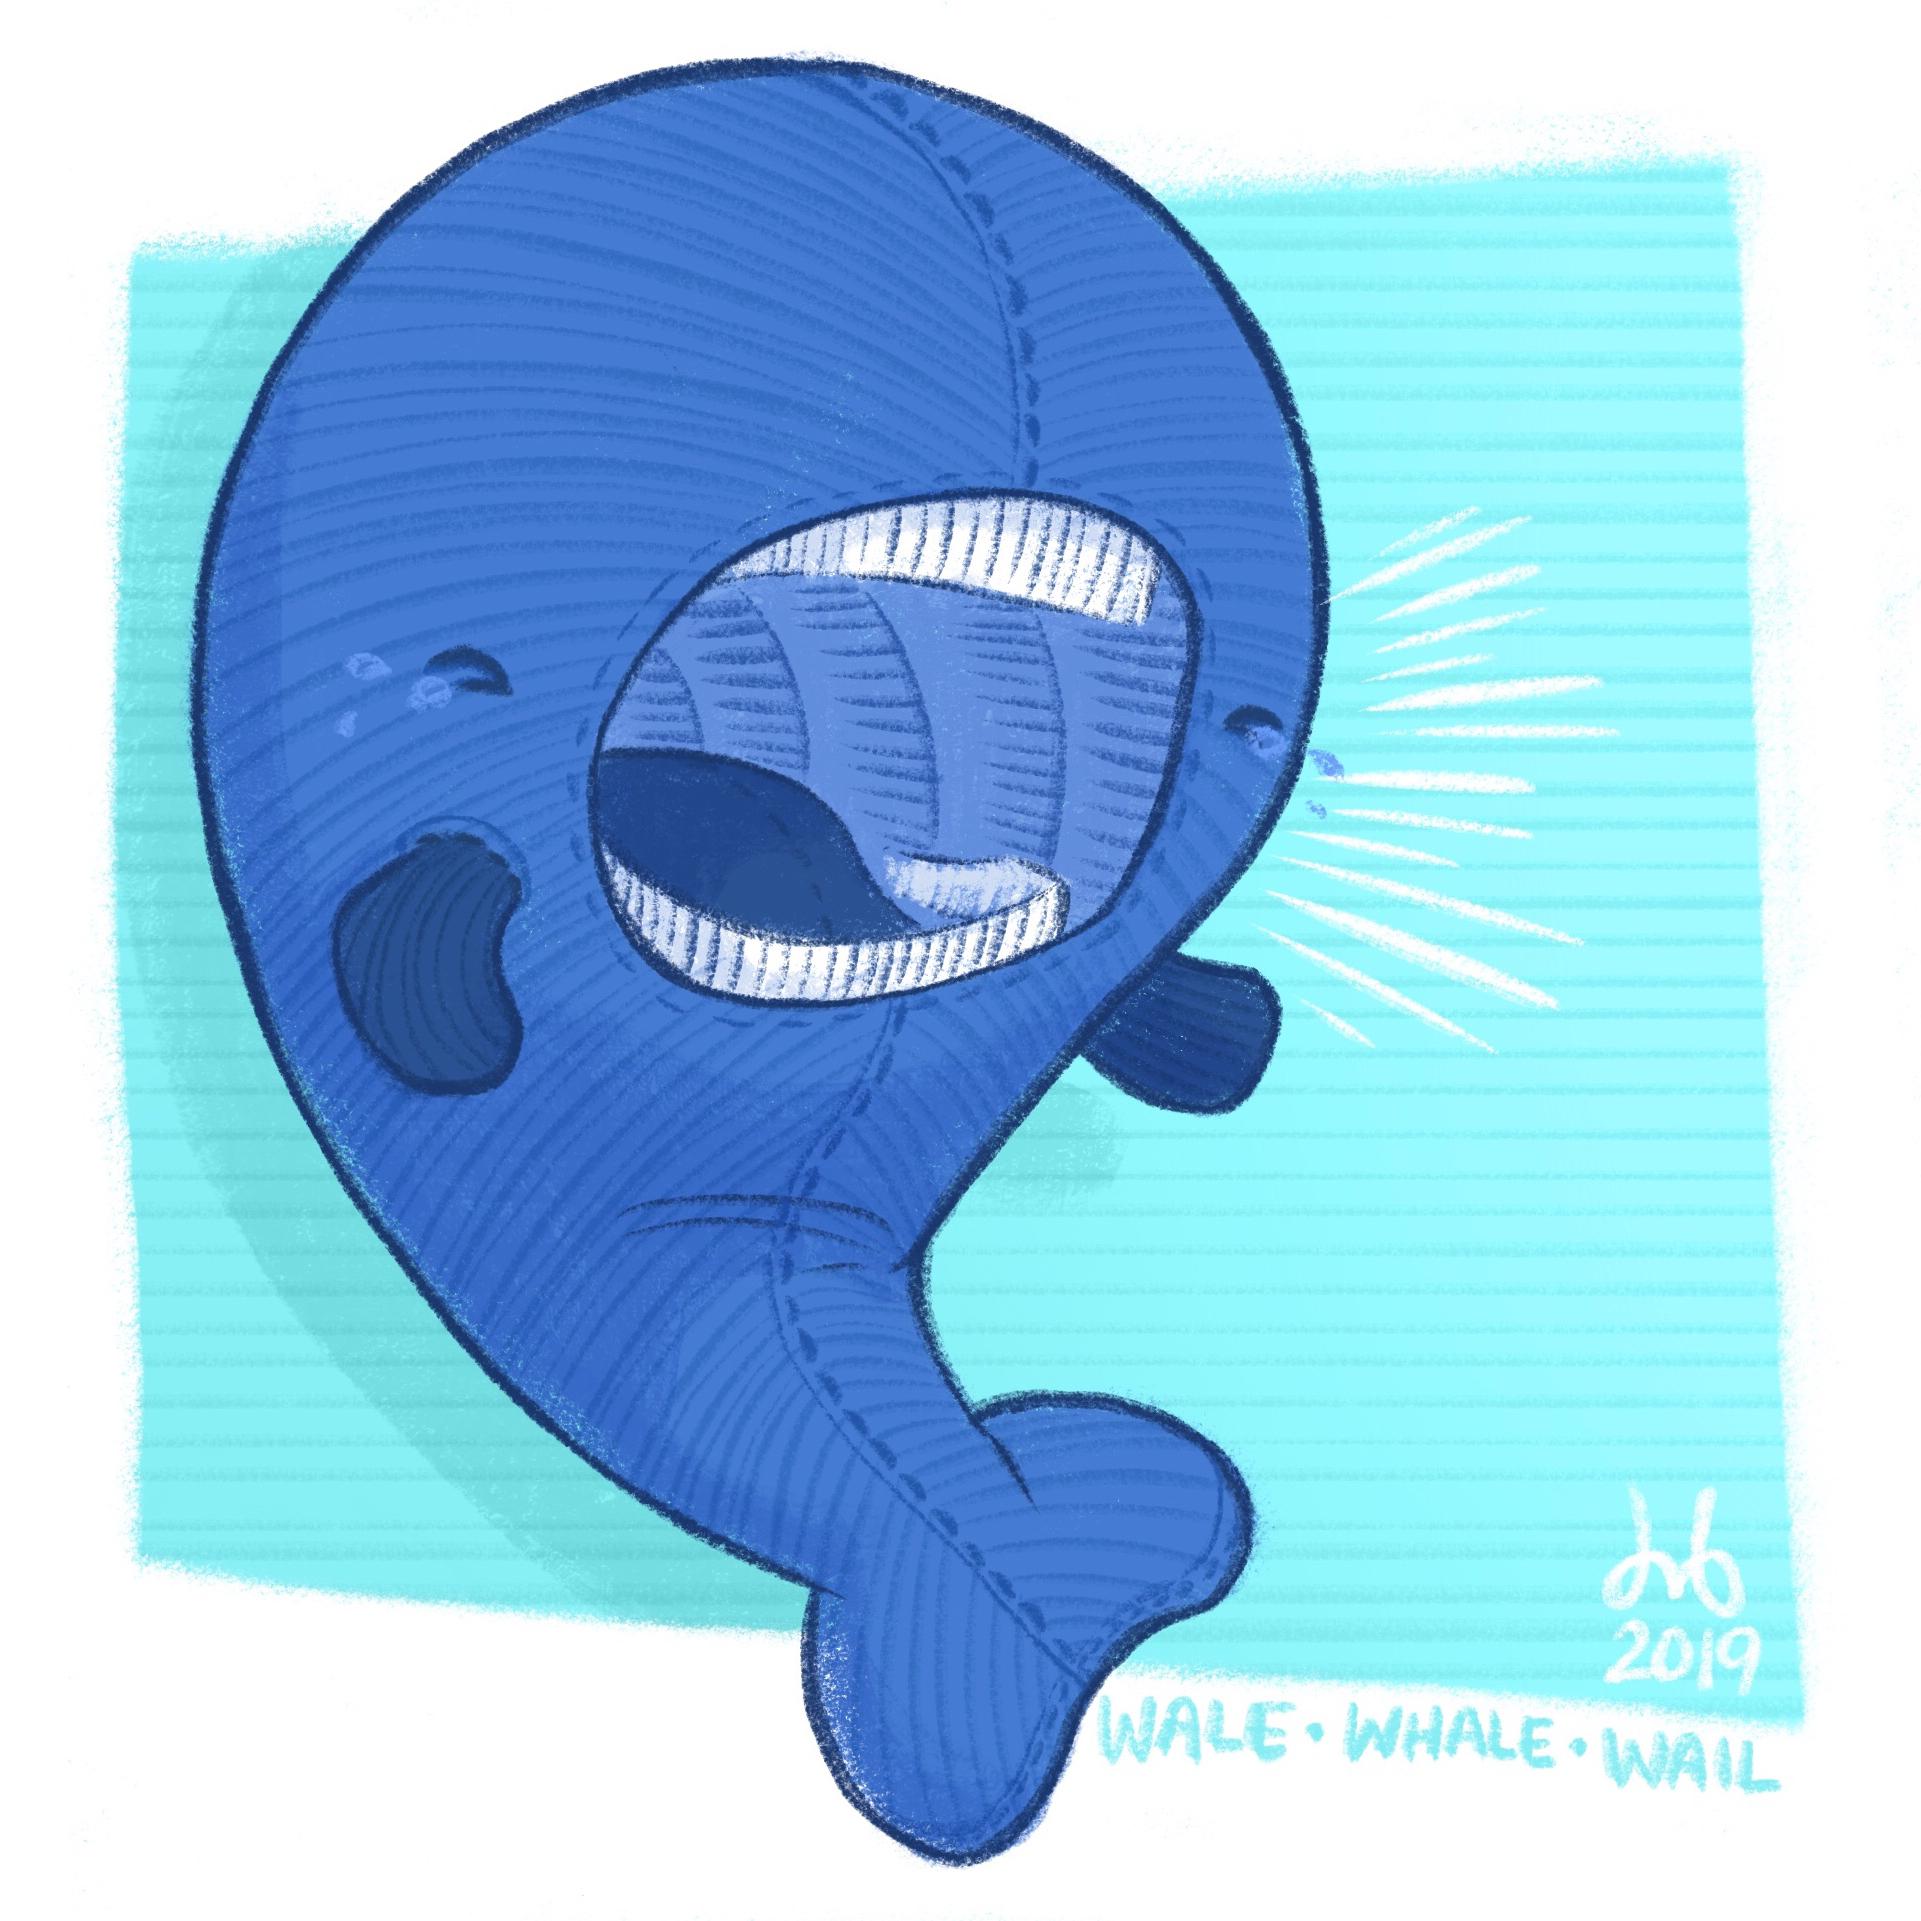 Wale Whale Wail!